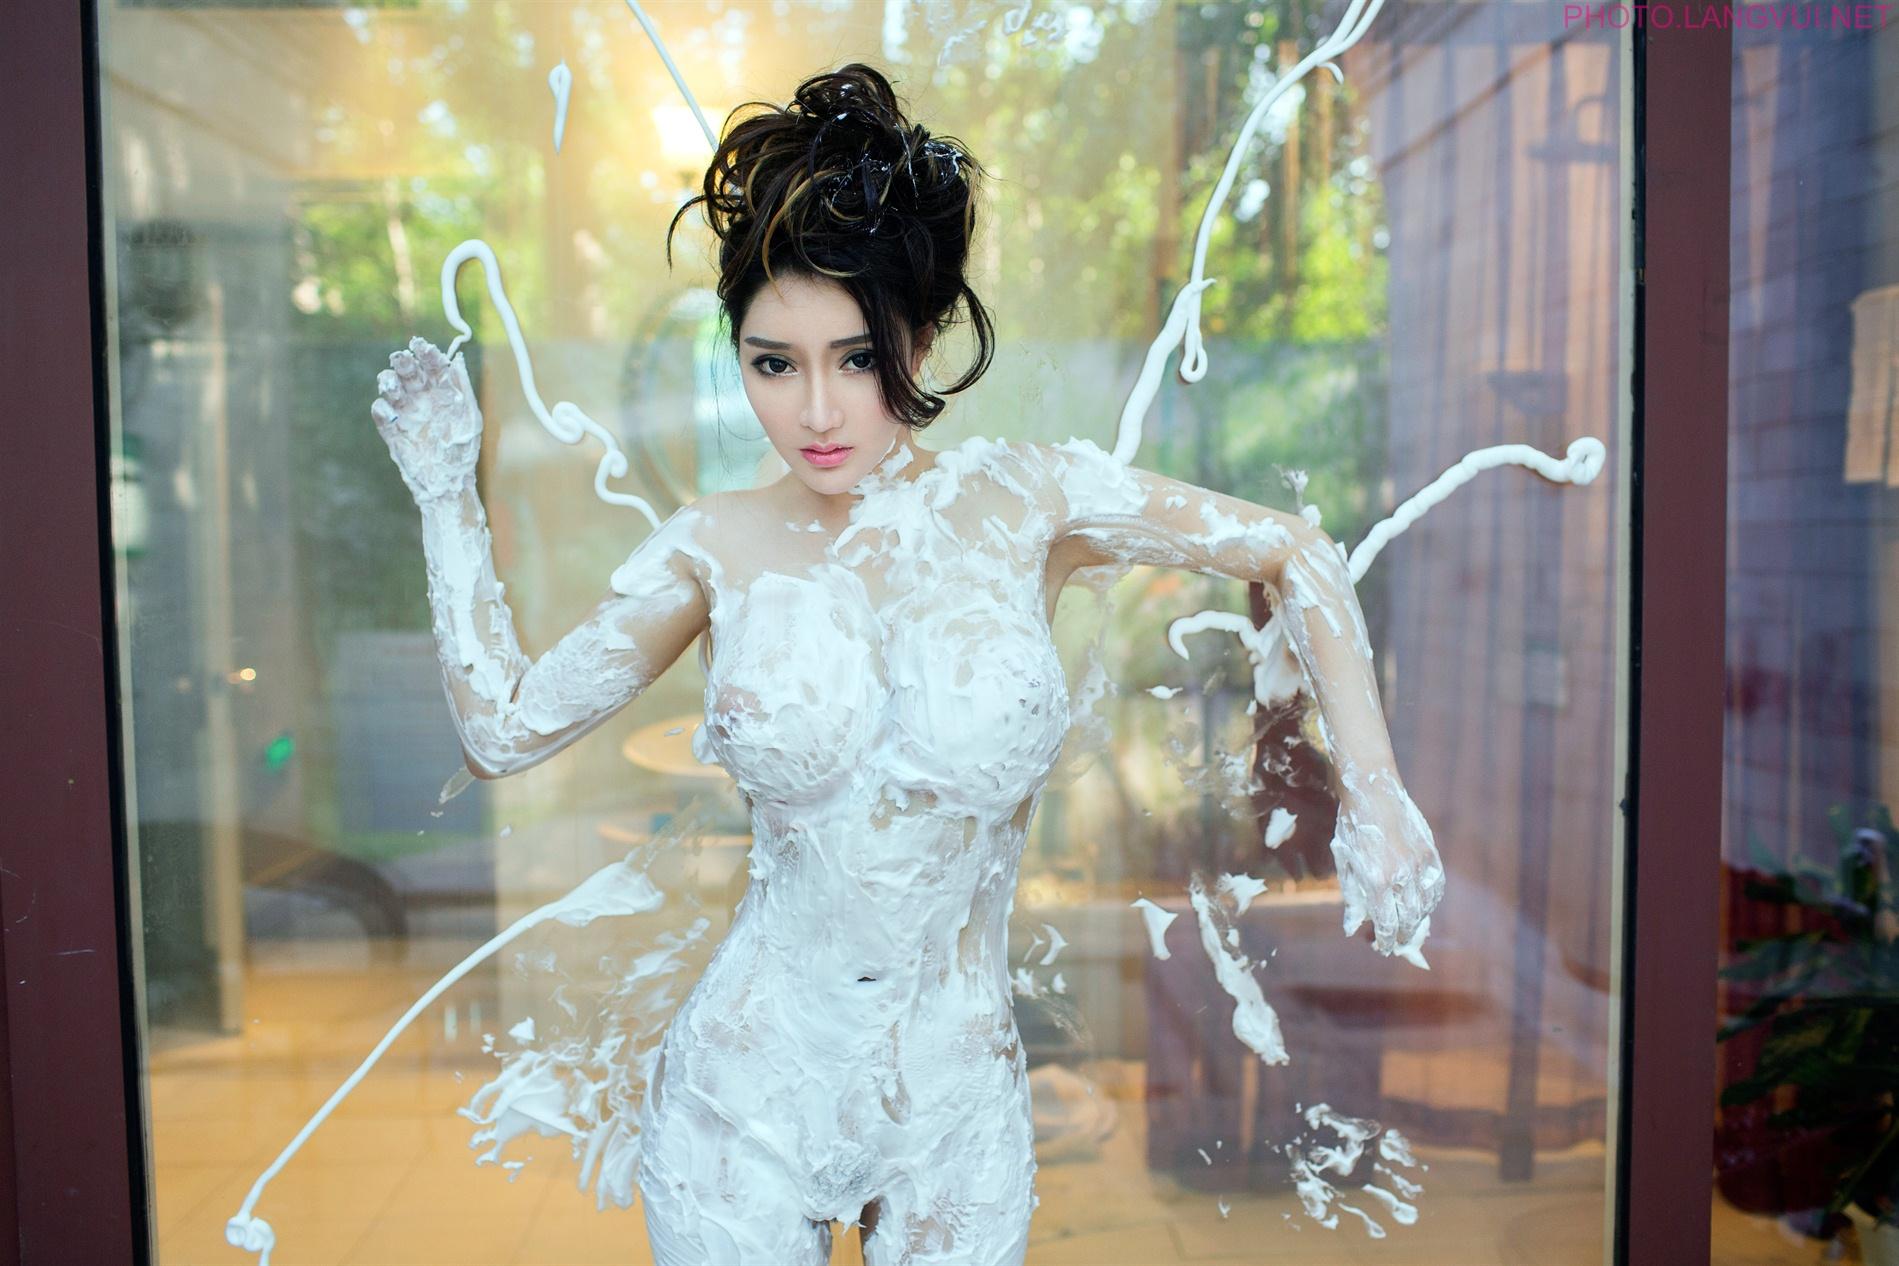 TuiGirl No-009 Wang Ke - Page 3 of 5 - Ảnh Girl Xinh